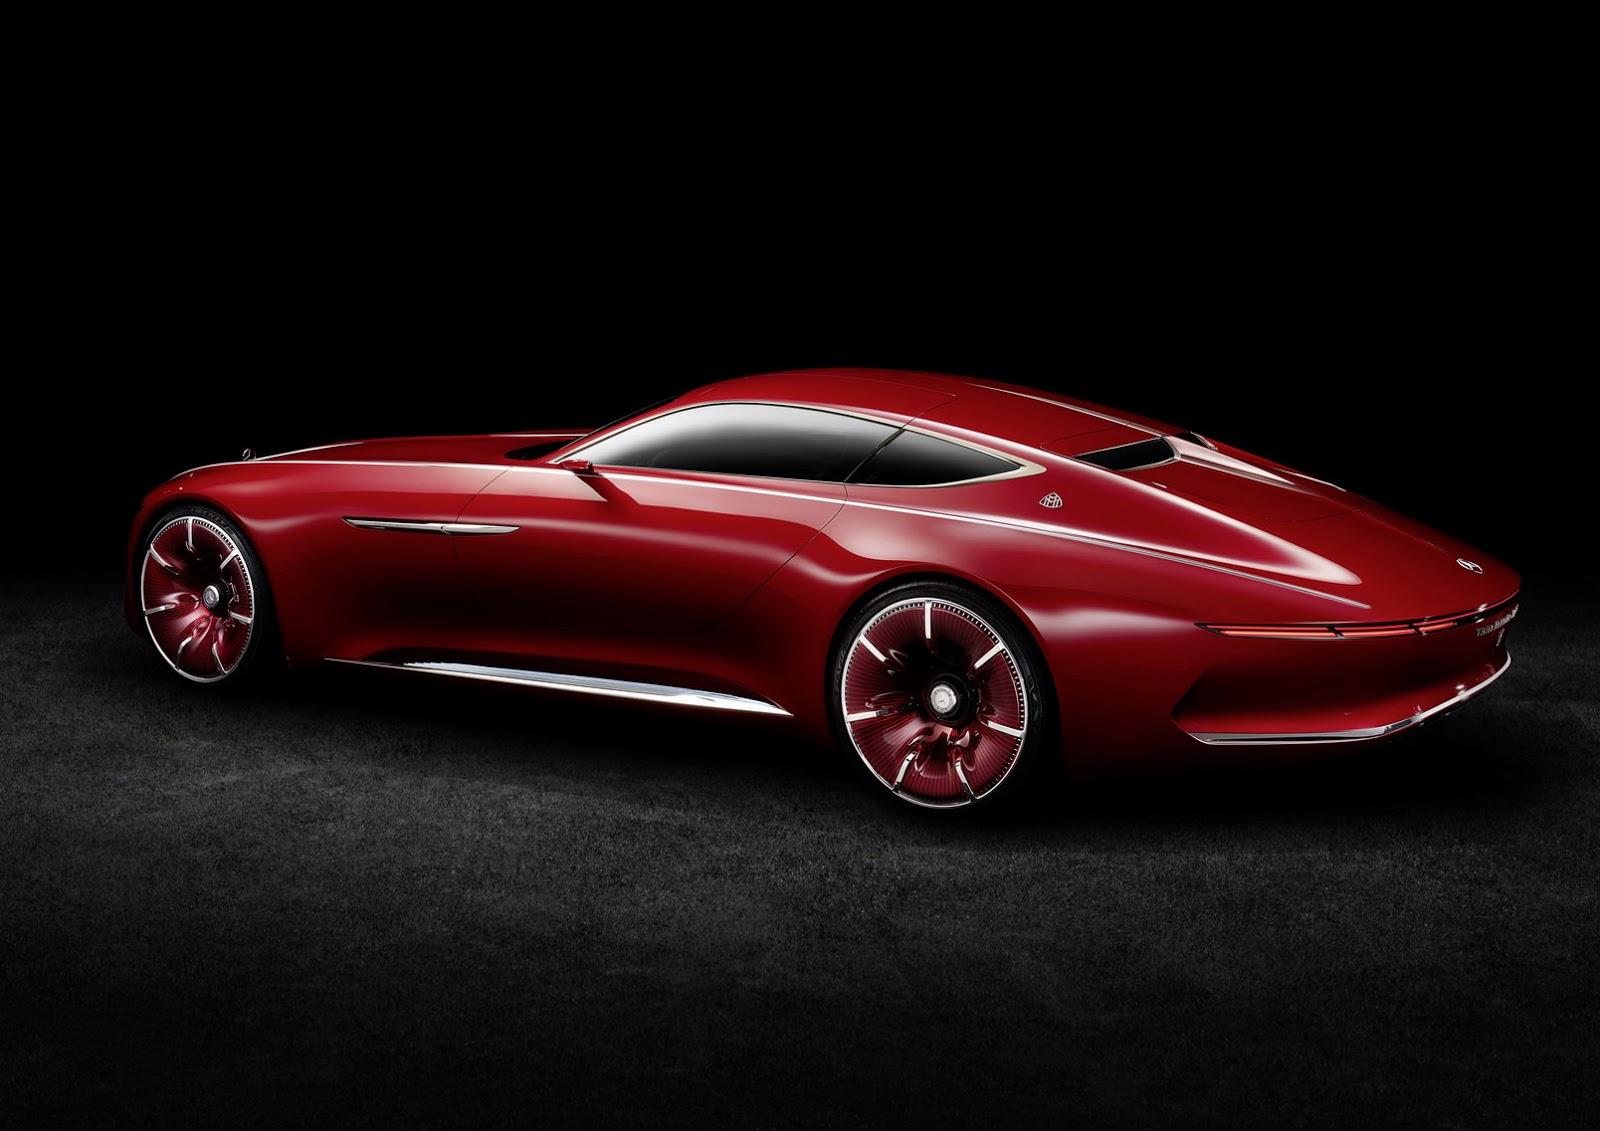 Mercedes-Maybach 6 Vision kupé